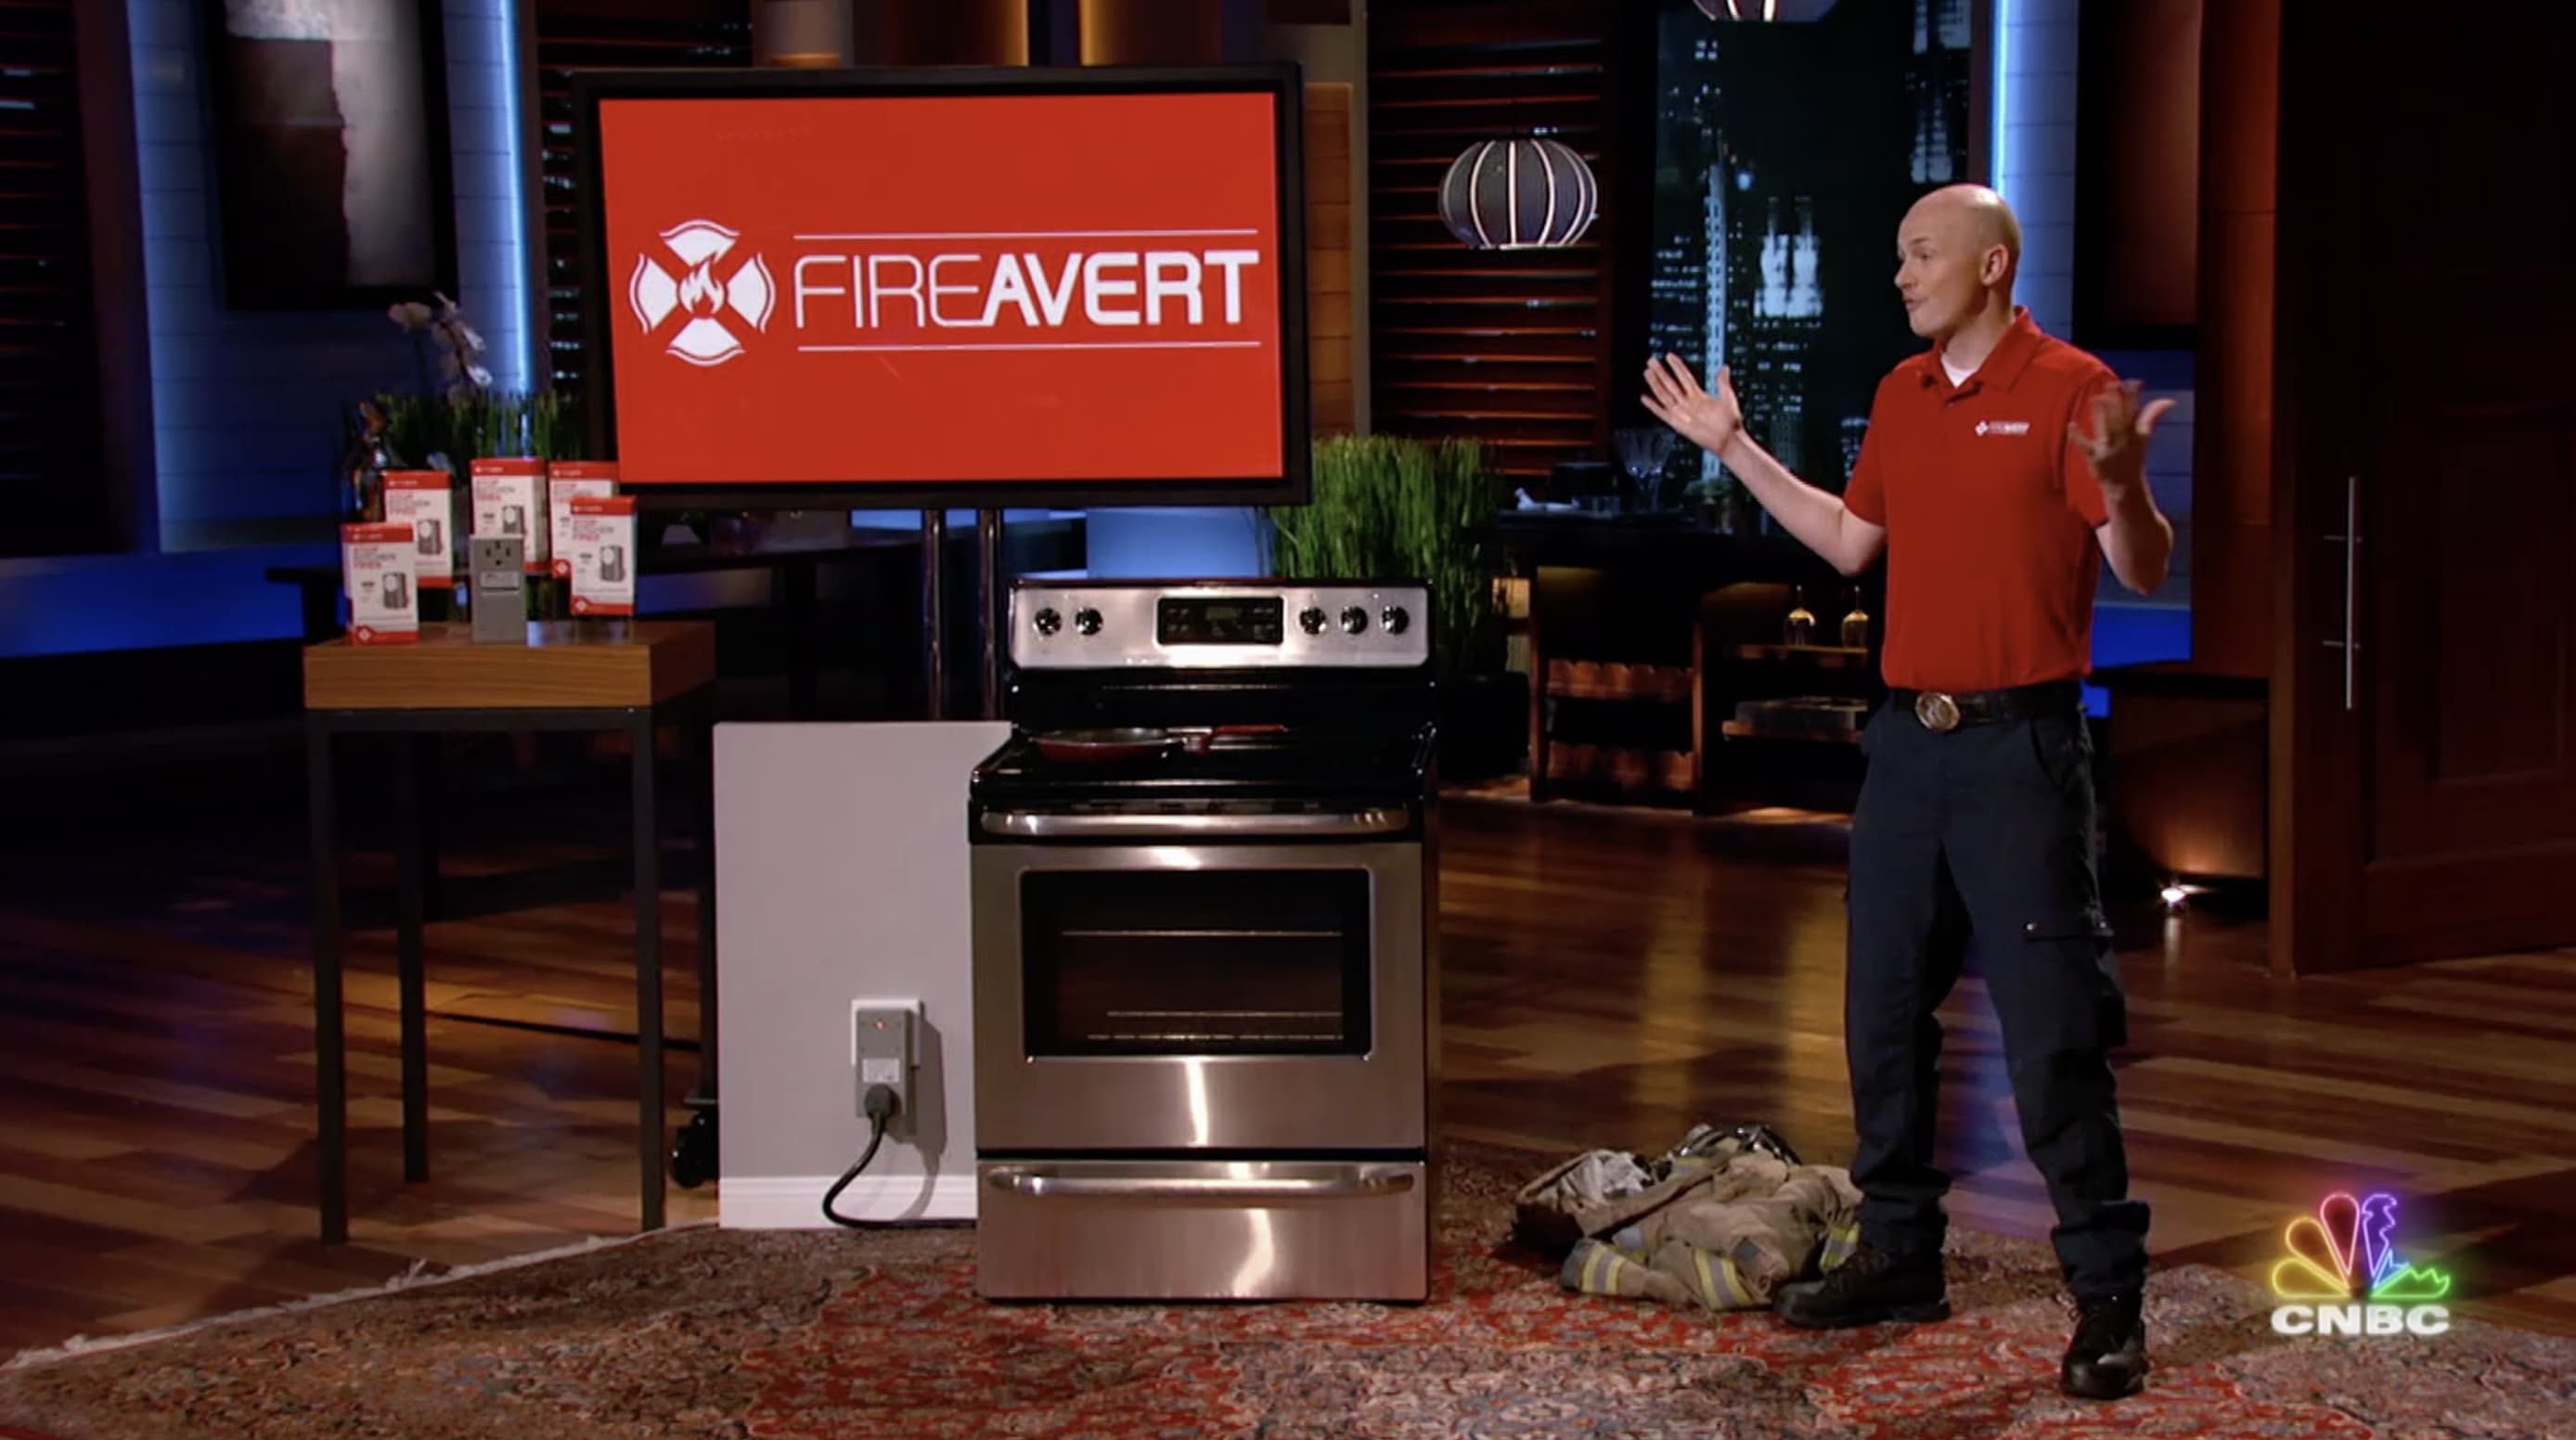 Image result for FireAvert